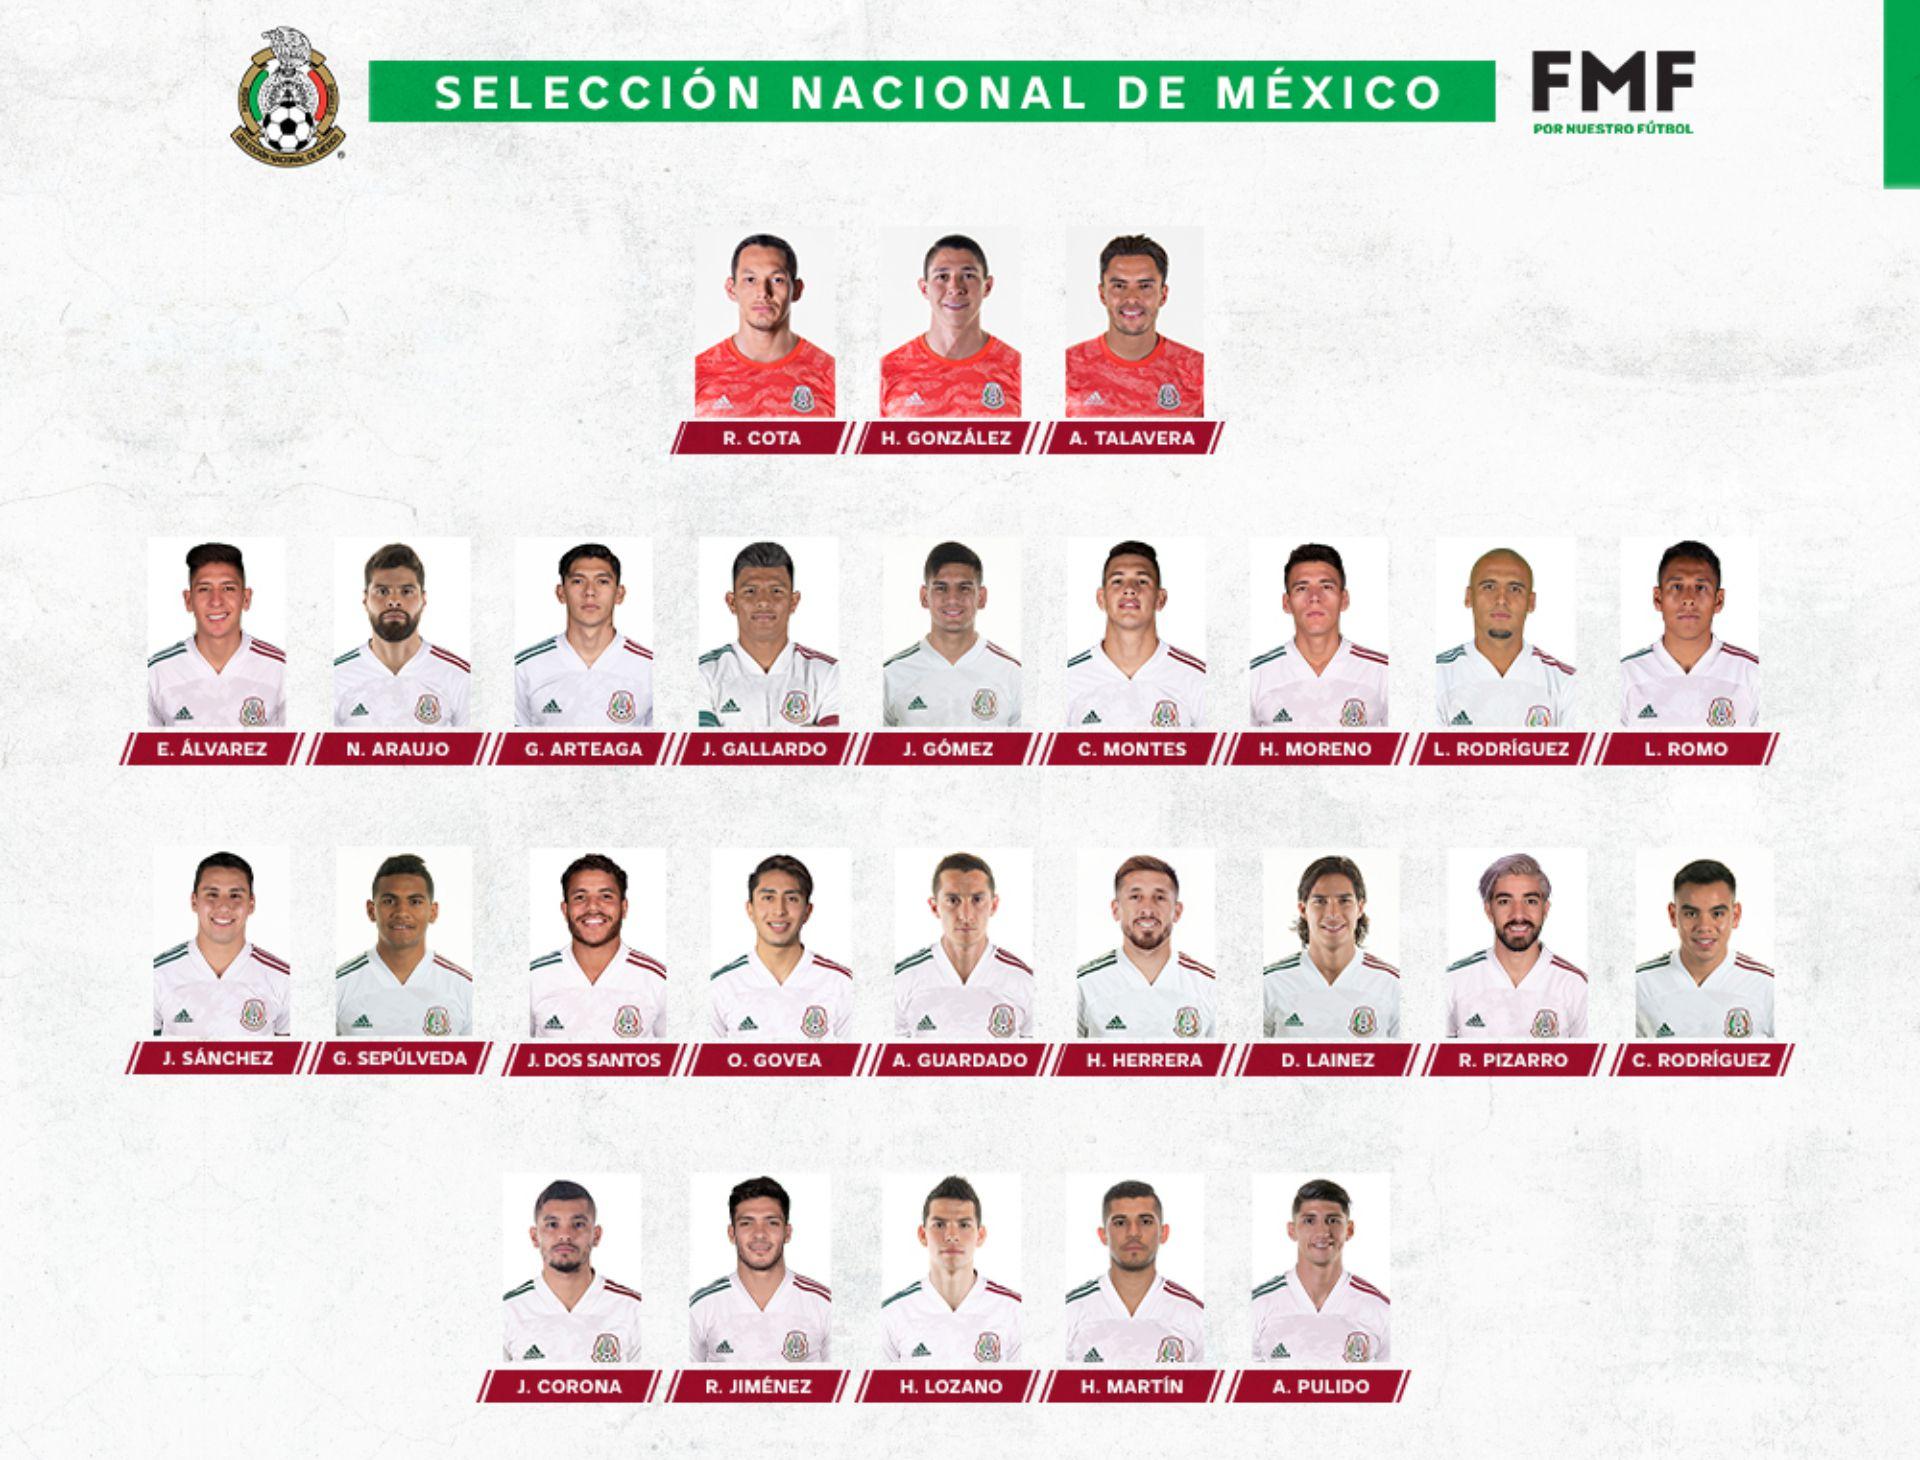 La convocatoria original de la selección mexicana contra Holanda y Argelia contaba con el Chucky Lozano (Foto: FMF)